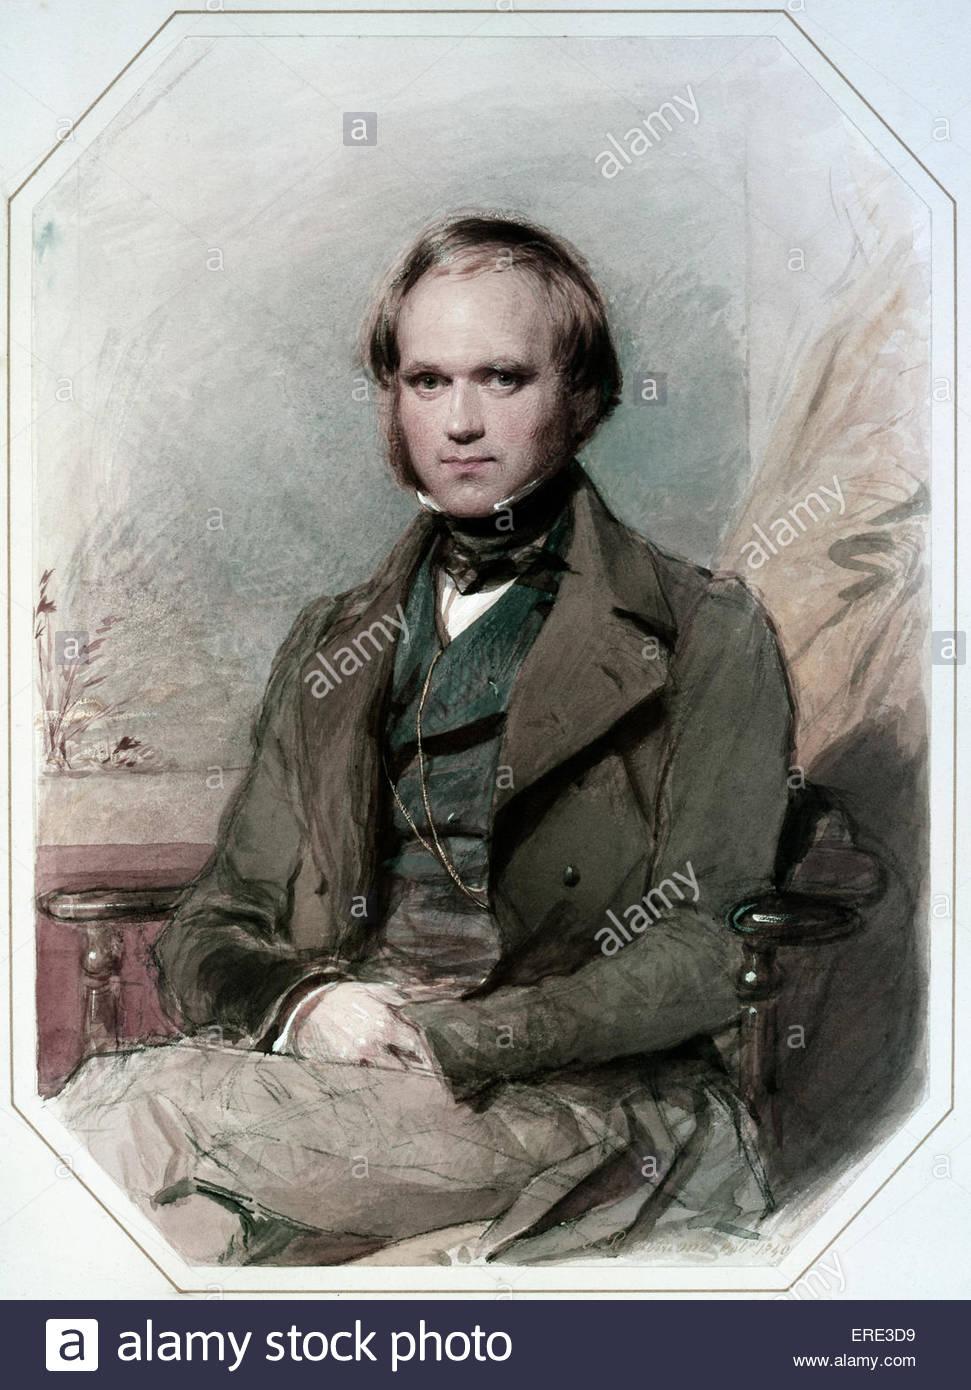 Charles Darwin - Ritratto di George Richmond, 1840. CD, scienziato inglese: 12 Febbraio 1809 - 19 aprile 1882. GR, Immagini Stock